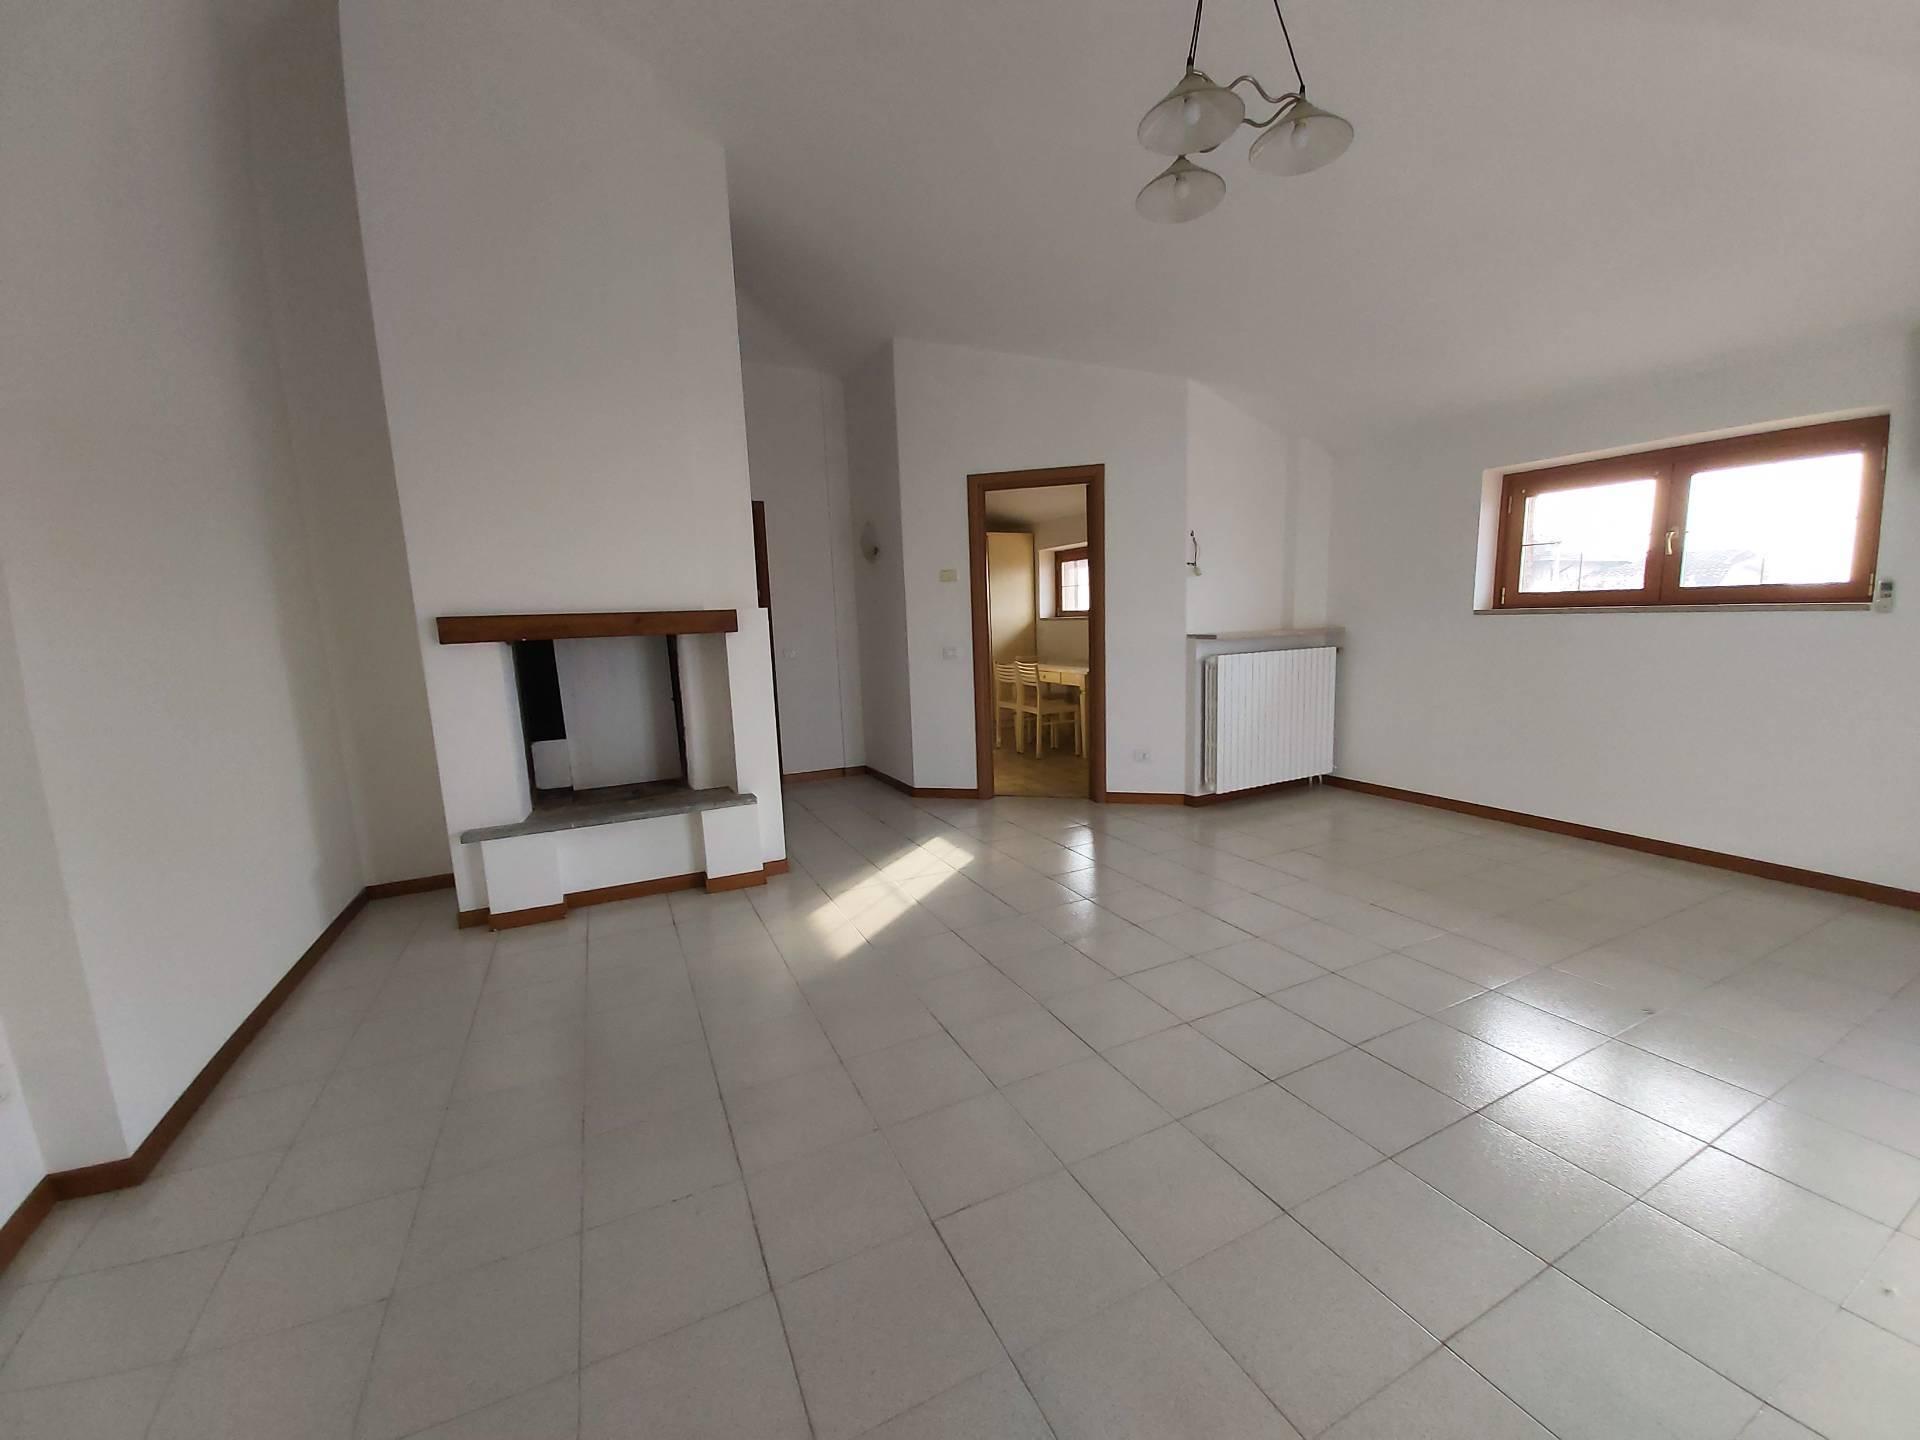 Appartamento in vendita a Flero, 3 locali, prezzo € 162.000 | CambioCasa.it